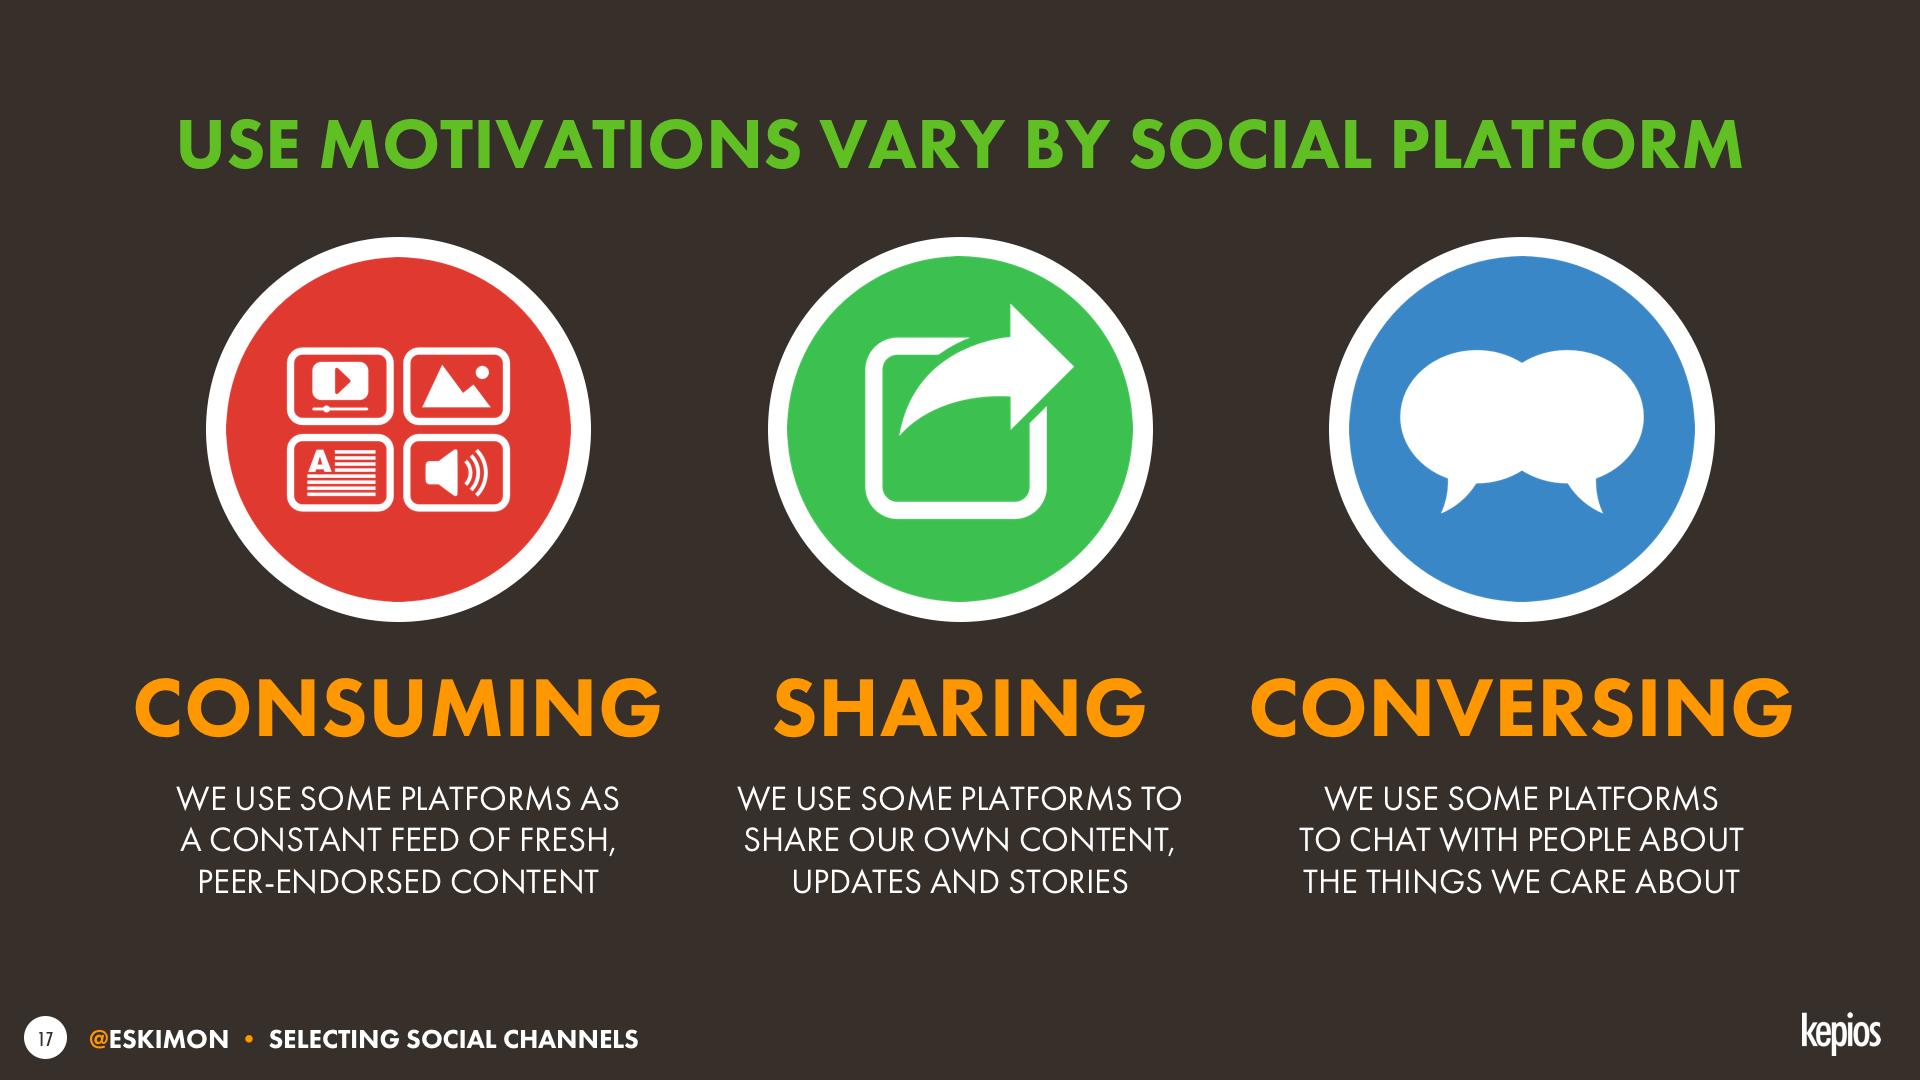 Usage motivations for different social media platforms